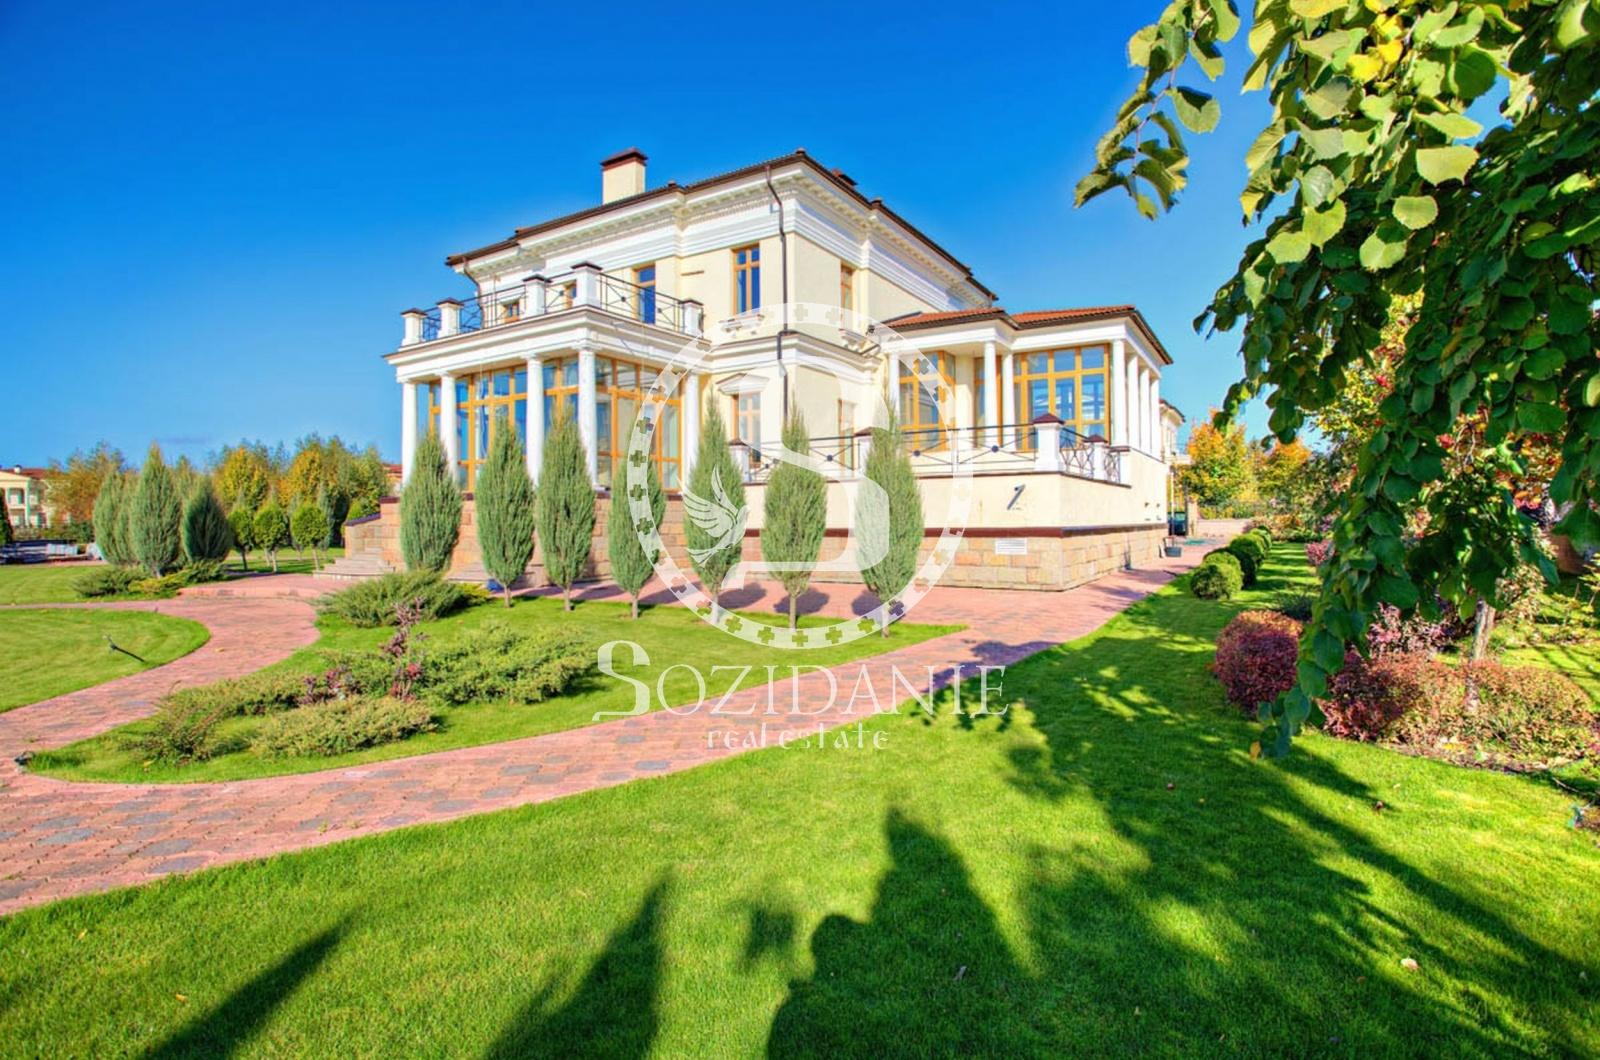 5 Bedrooms, Загородная, Продажа, Listing ID 1445, Московская область, Россия,